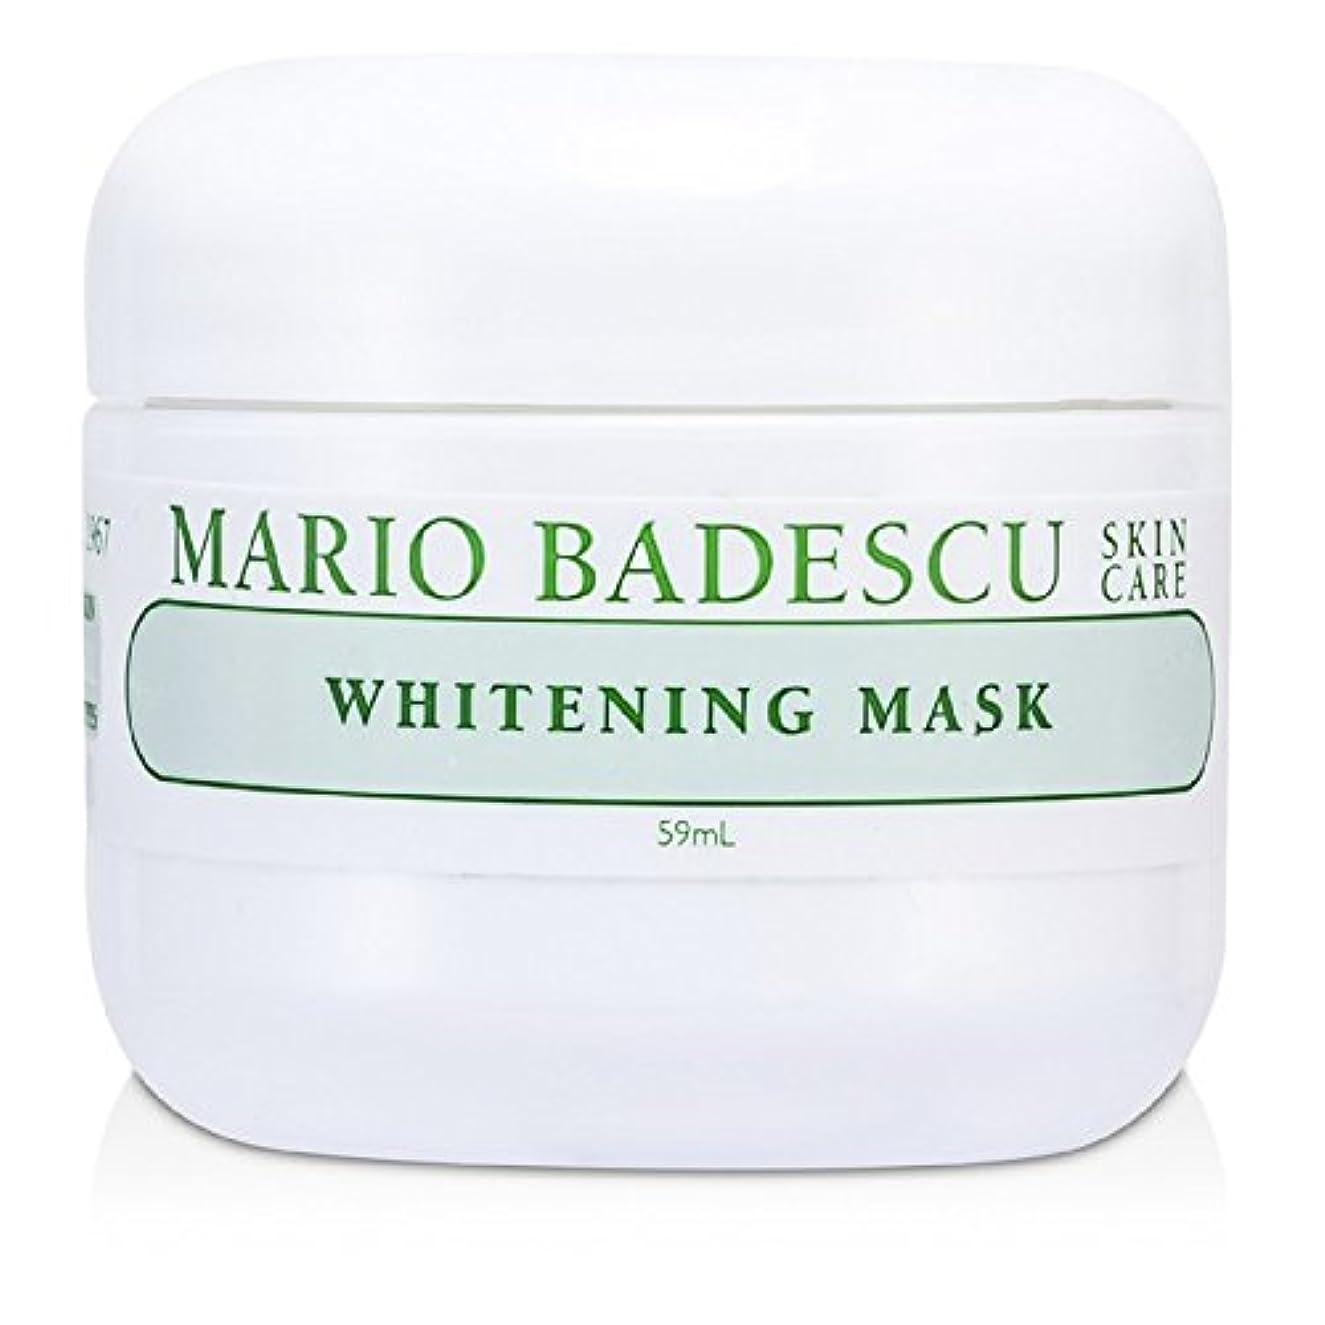 蒸発花嫁贈り物マリオ バデスク ホワイトニング マスク 59ml/2oz並行輸入品